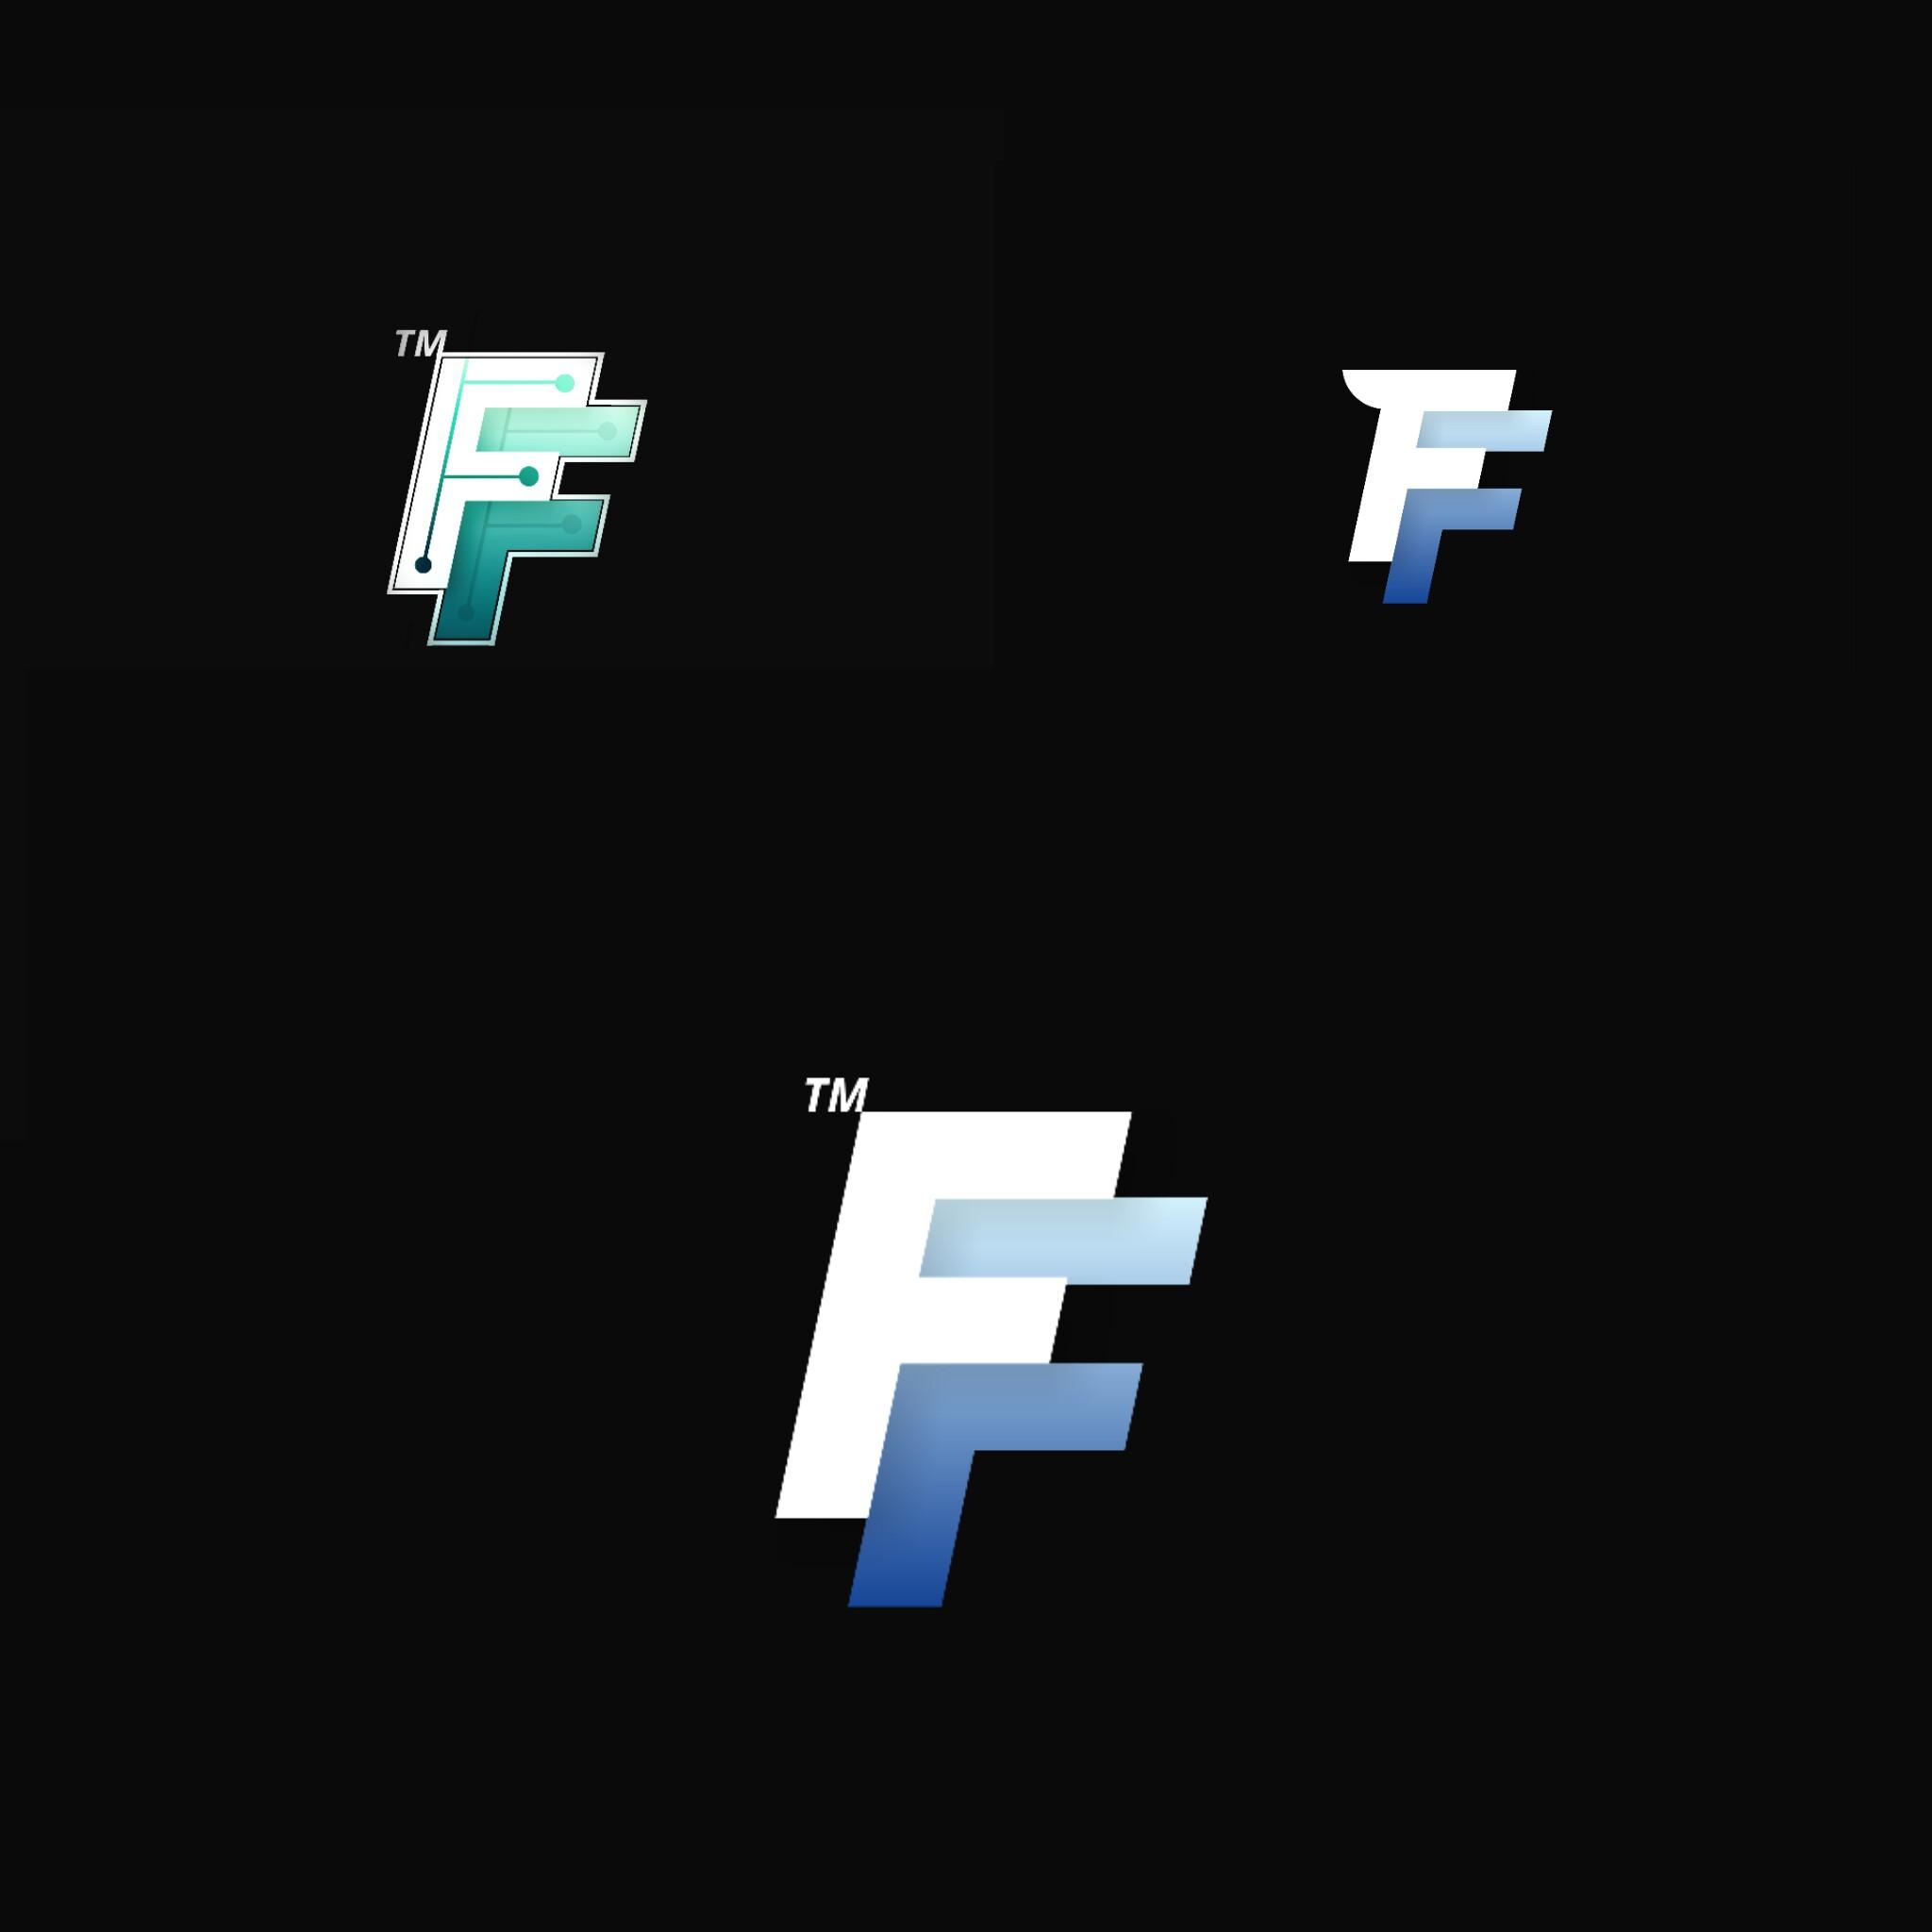 Разработка логотипа финансовой компании фото f_0555a906d45dbf77.jpg